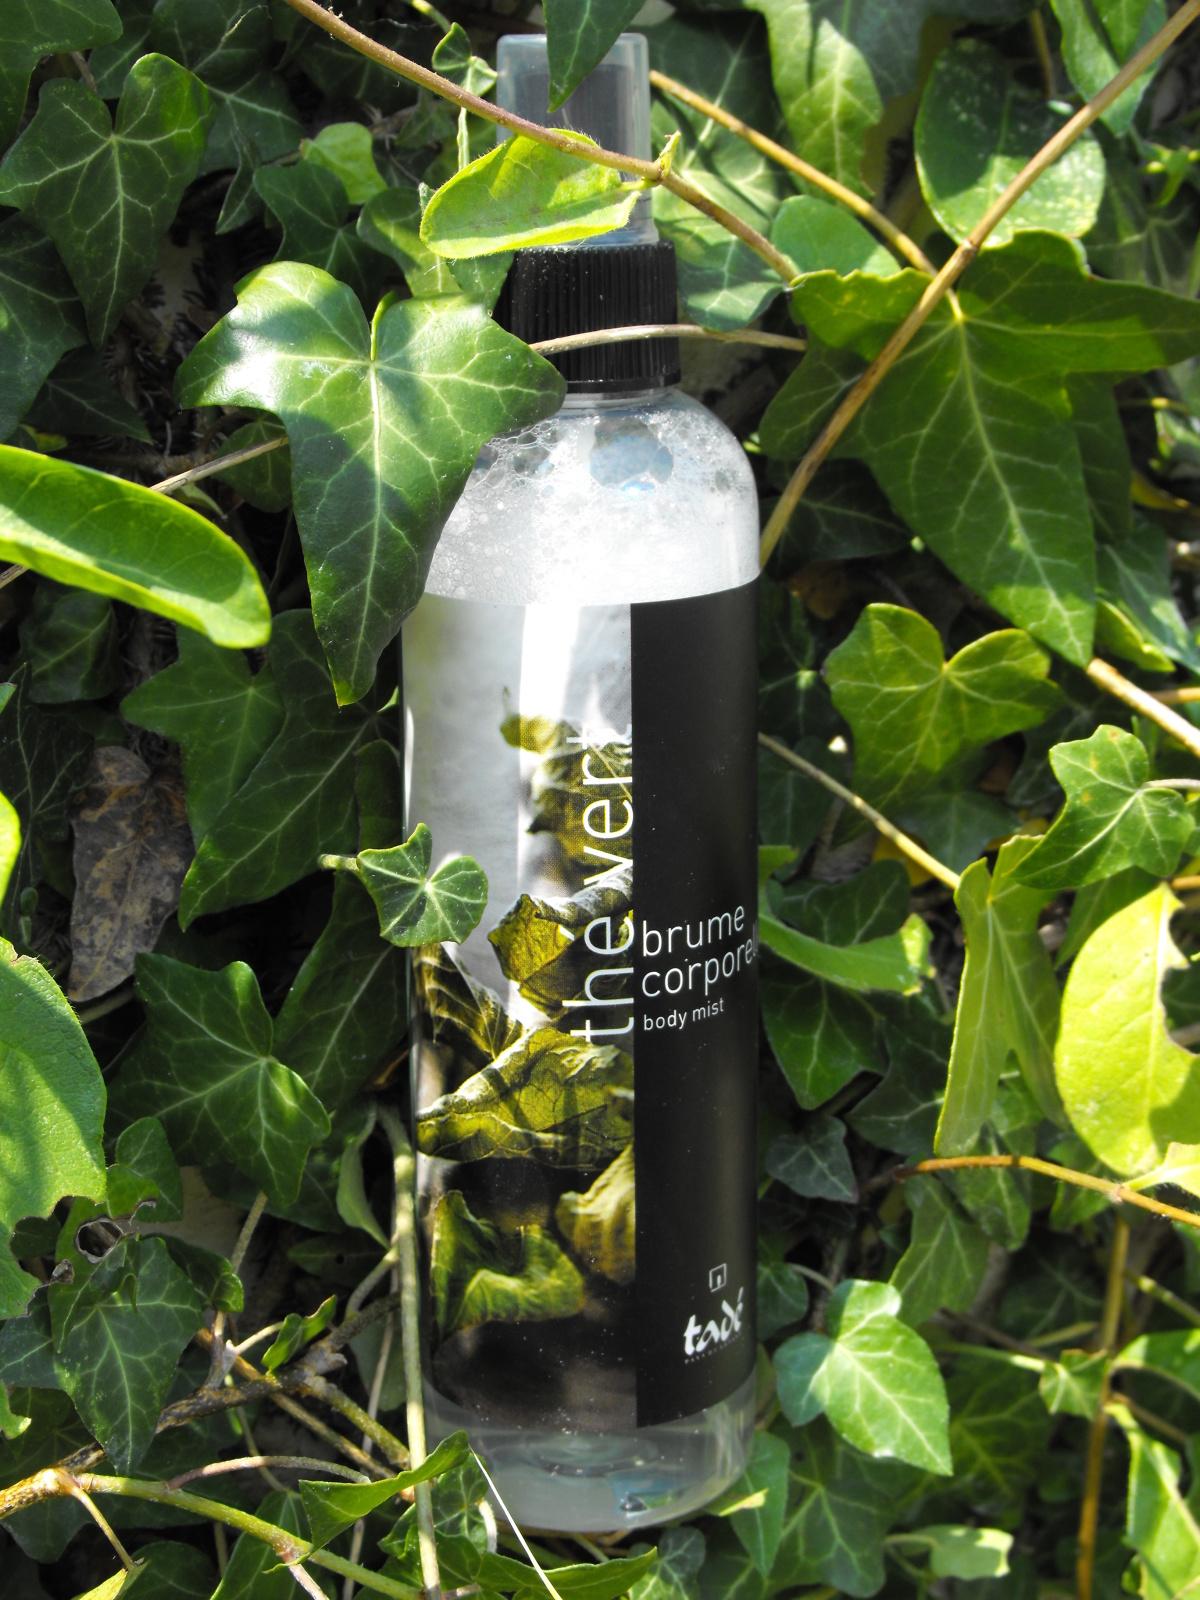 """Sur la photo le produit """"mousse"""" mais c'est parce que j'ai eu du mal à faire tenir la bouteille sur le support naturel, elle a donc chutée avant la photo..."""